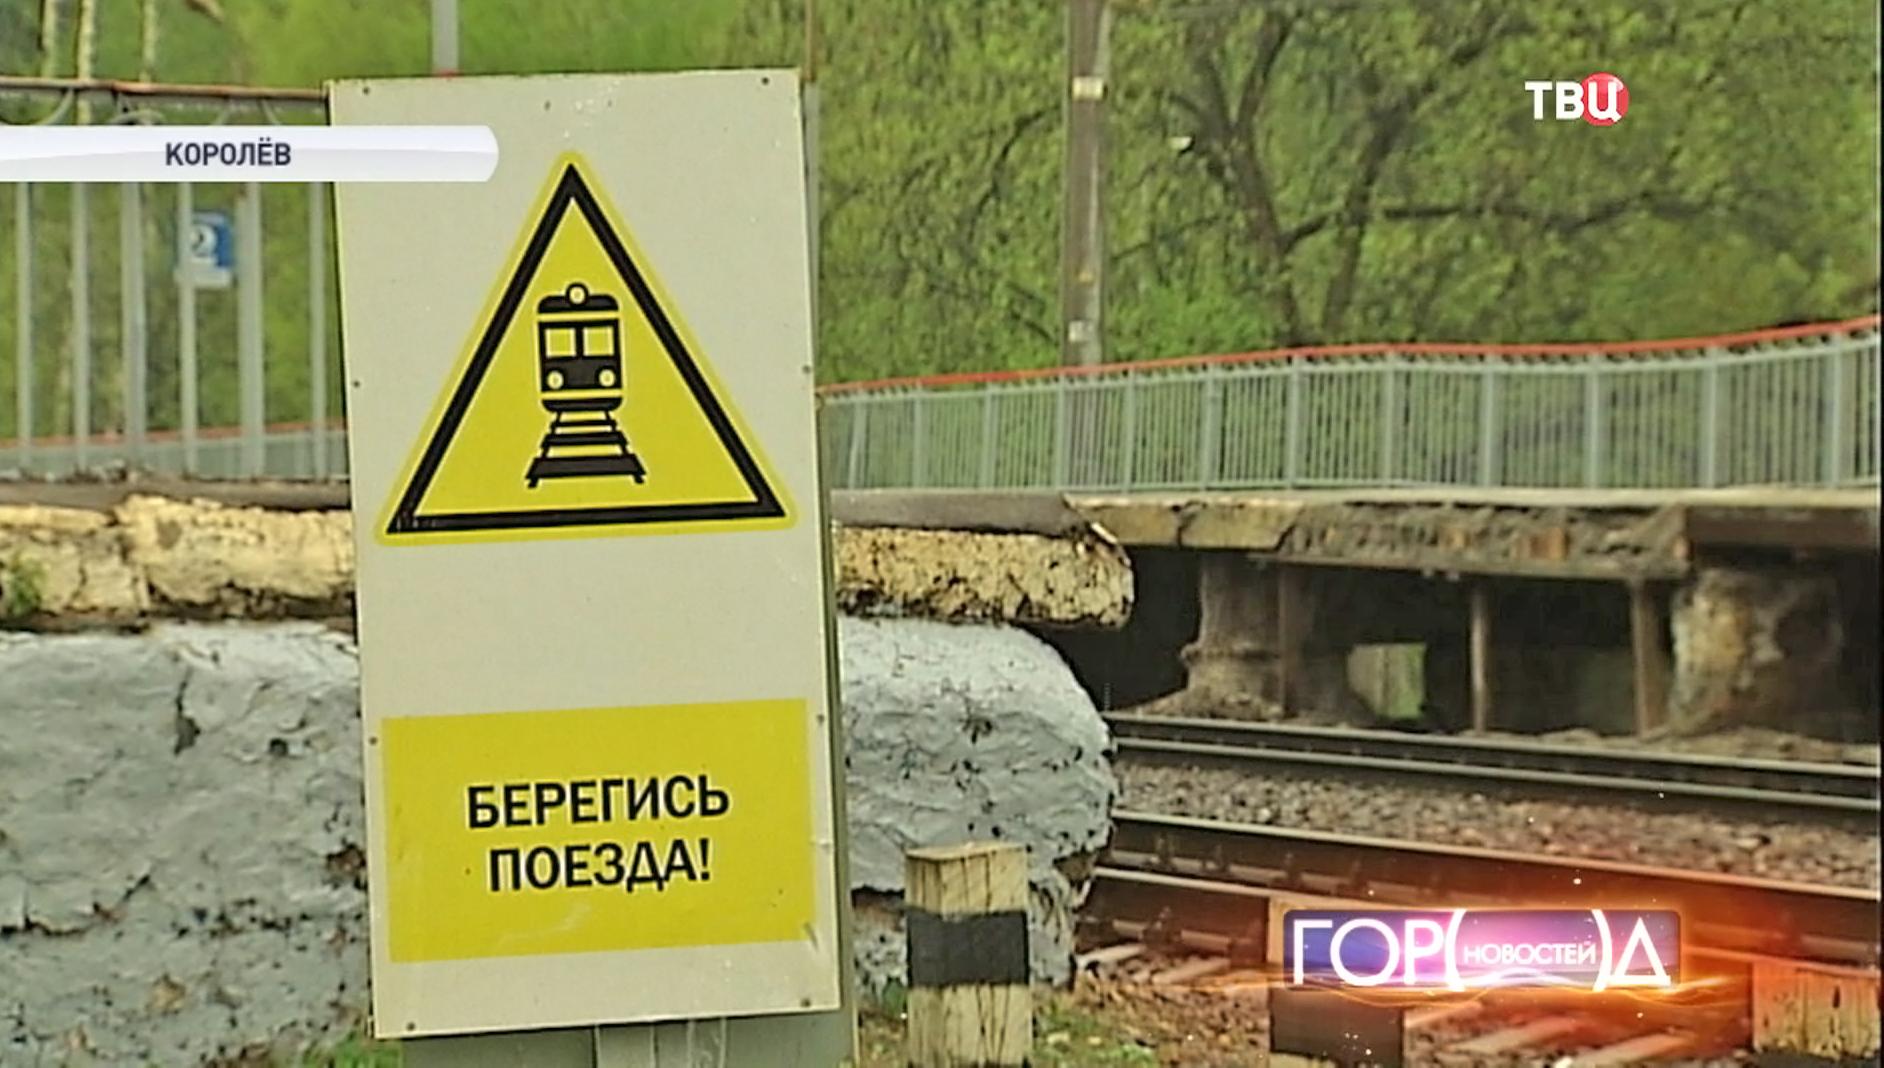 Знак берегитесь поезда